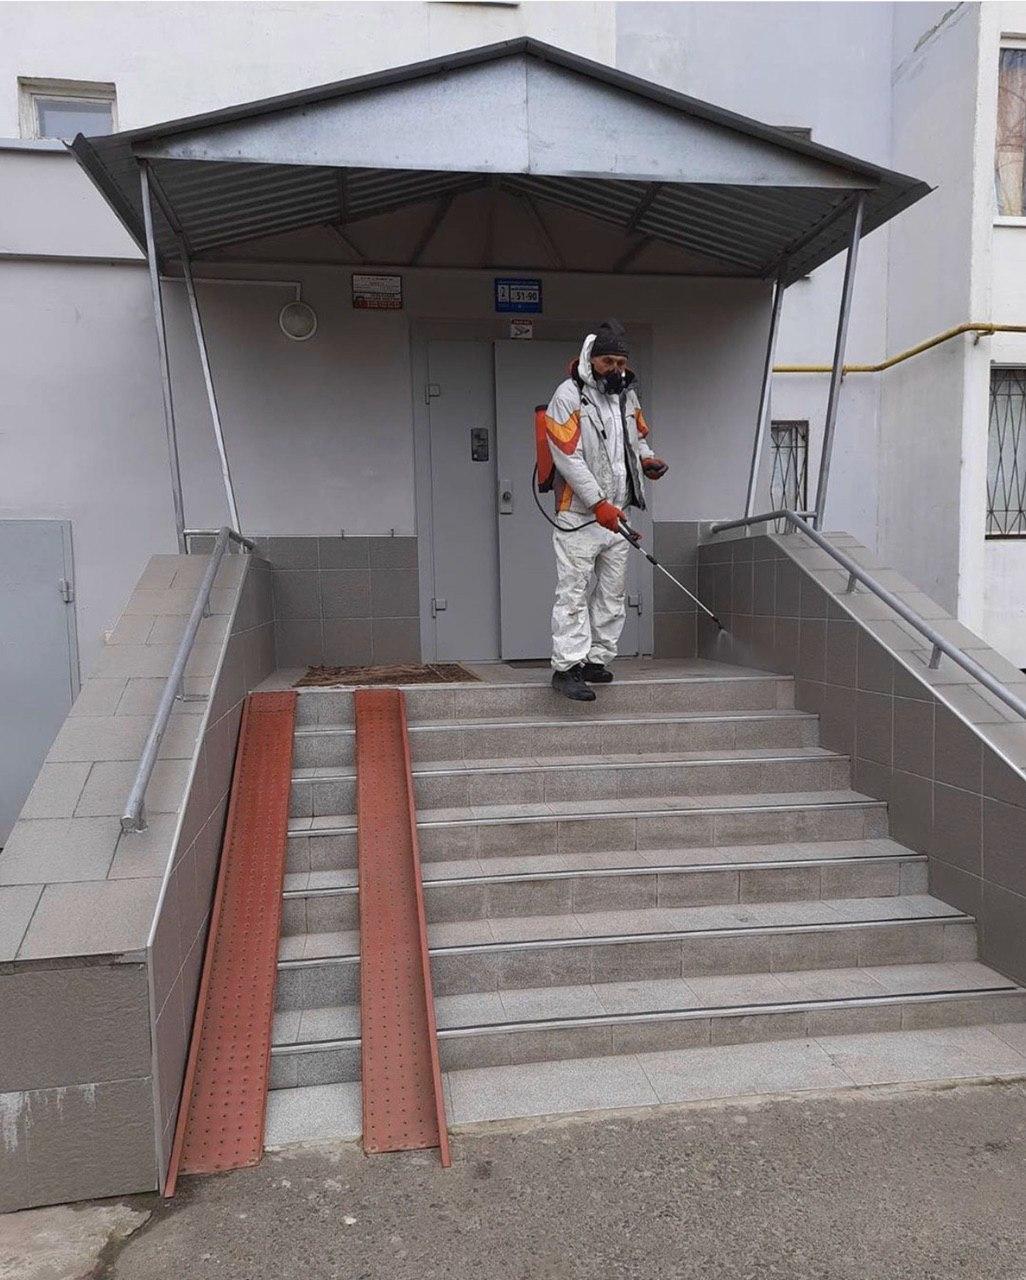 Работники УК Суворовский продолжают проводить дезинфекцию в парадных многоэтажек.